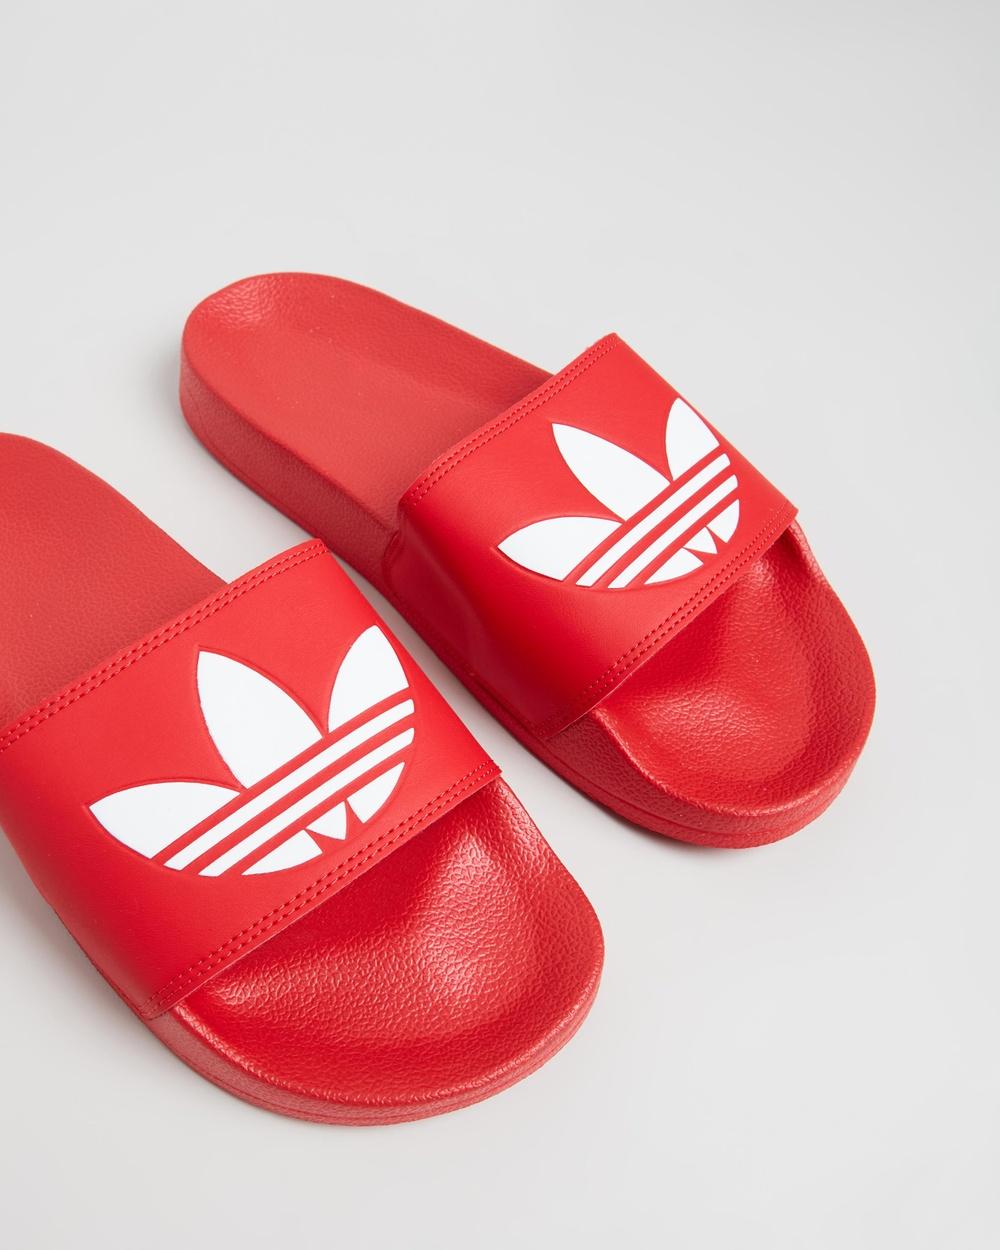 adidas Originals Adilette Lite Unisex Slides Scarlet & Footwear White